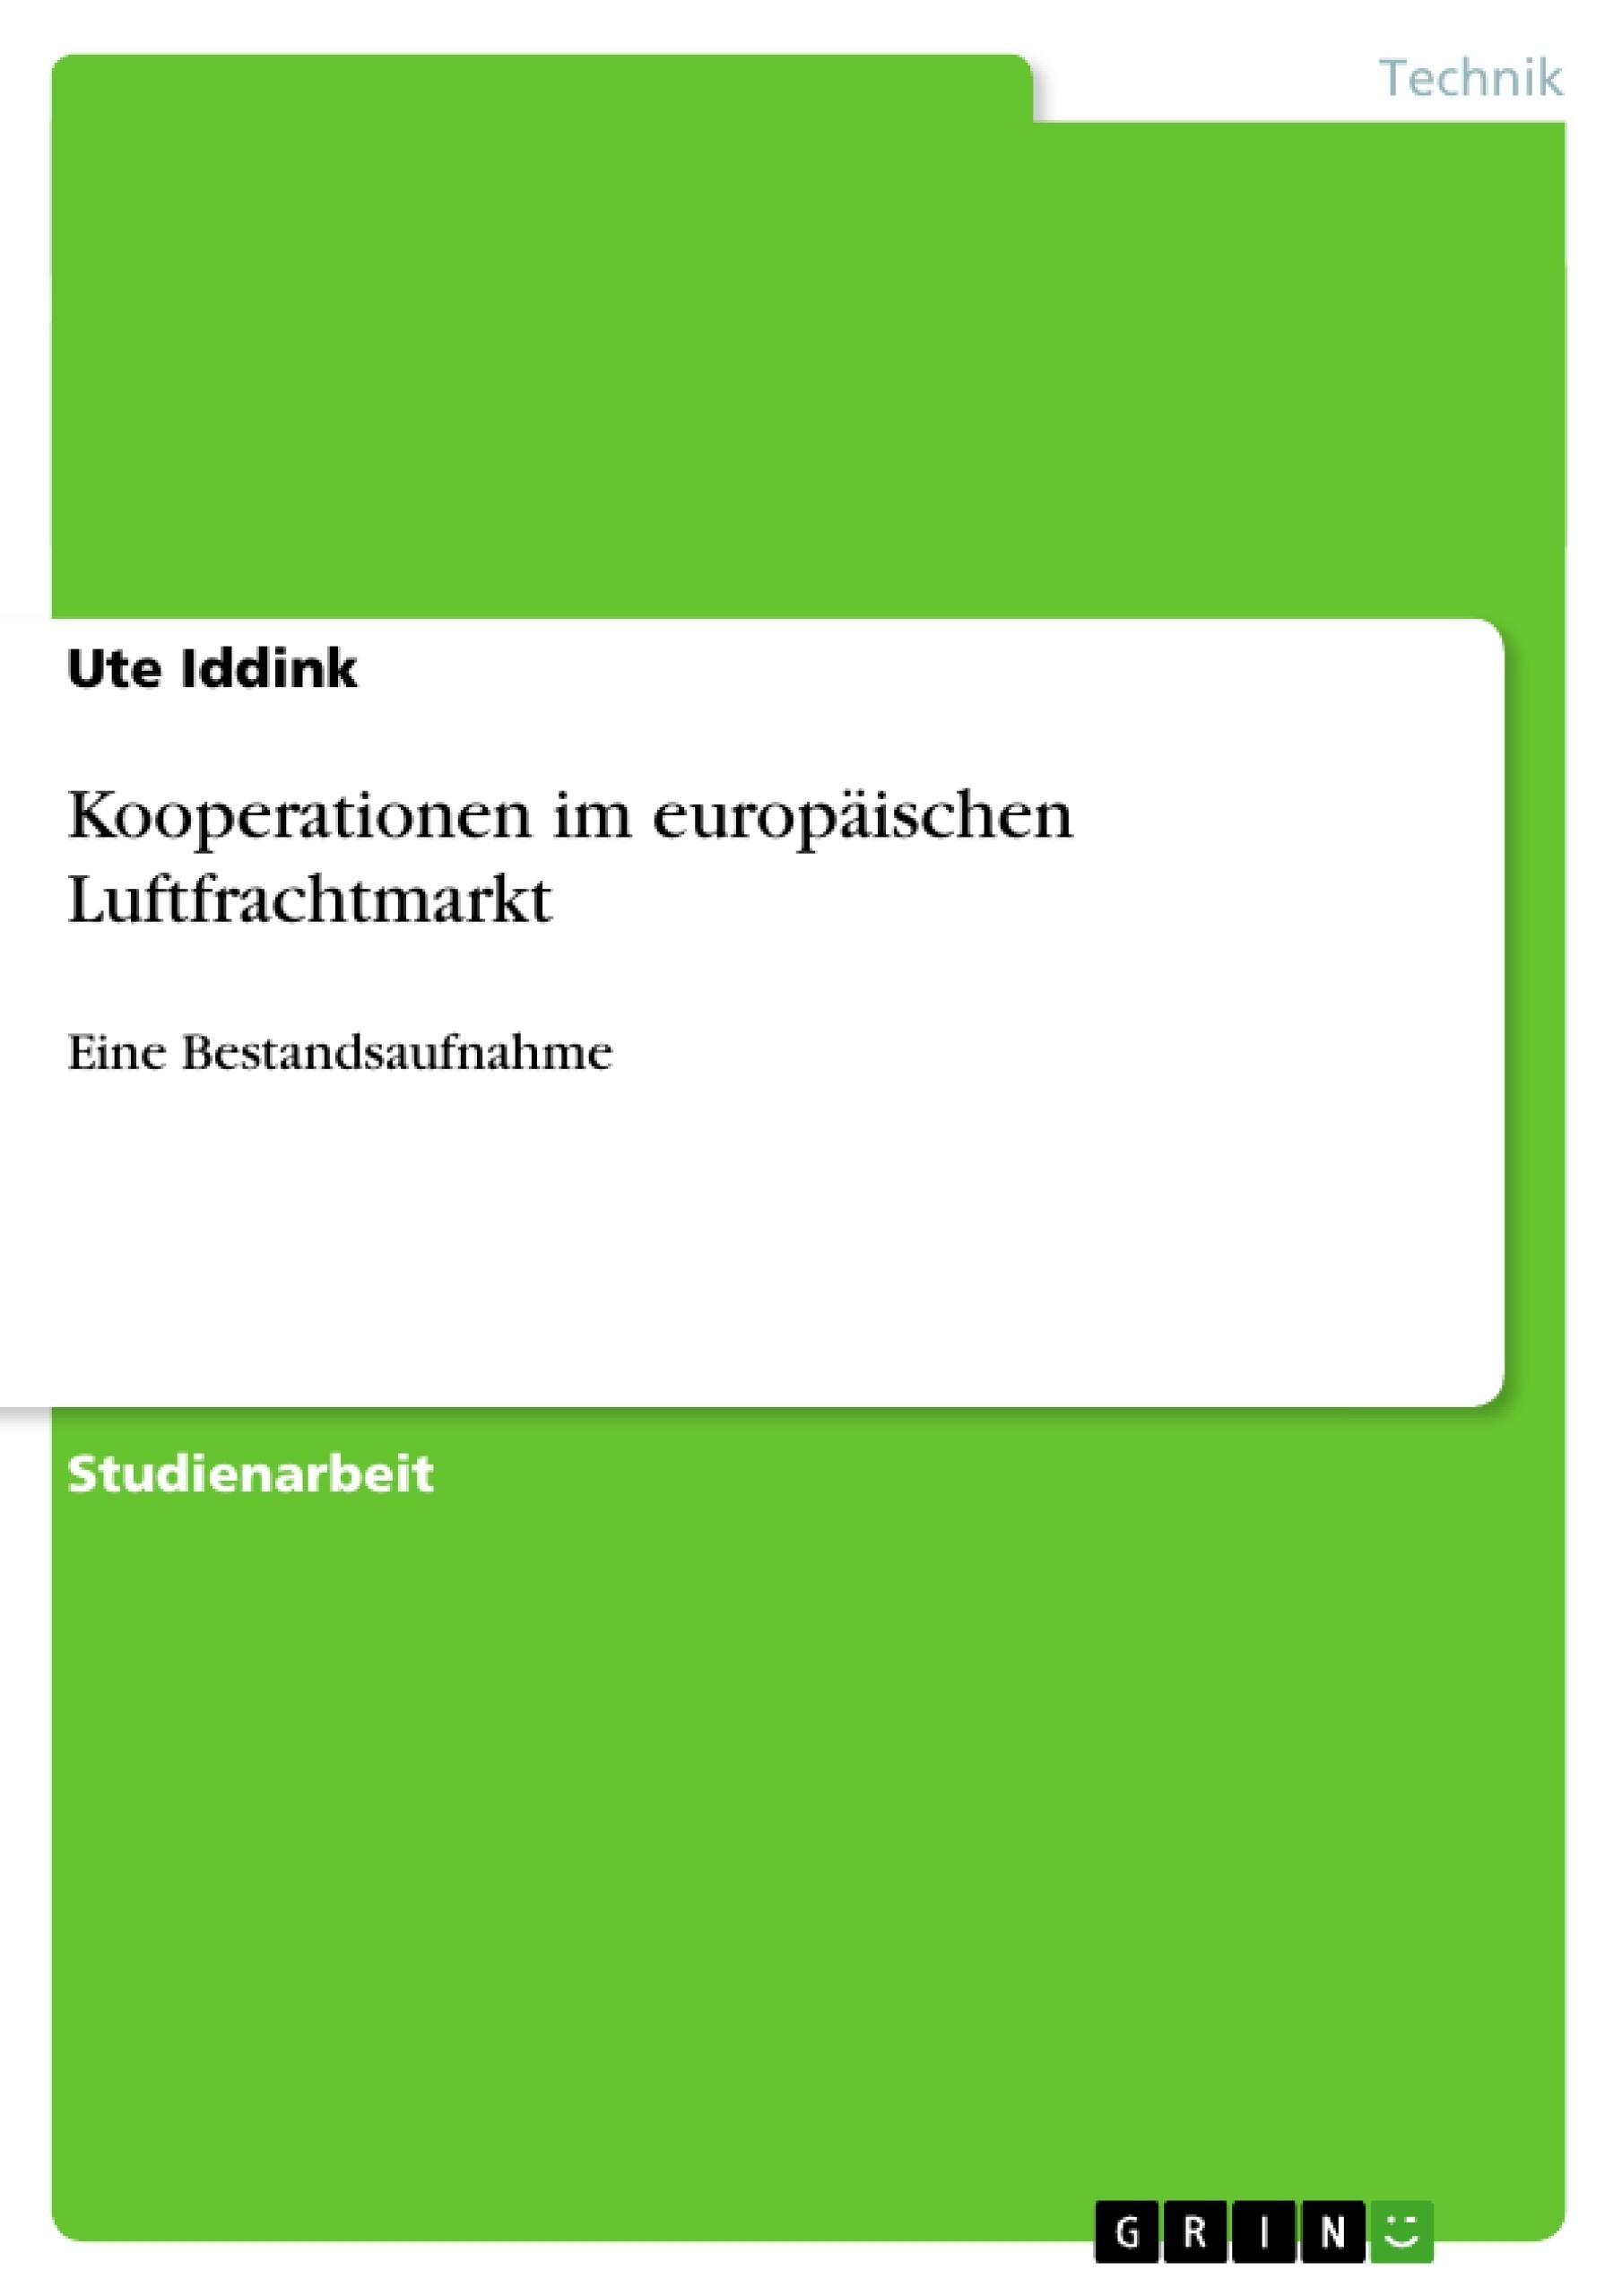 Titel: Kooperationen im europäischen Luftfrachtmarkt